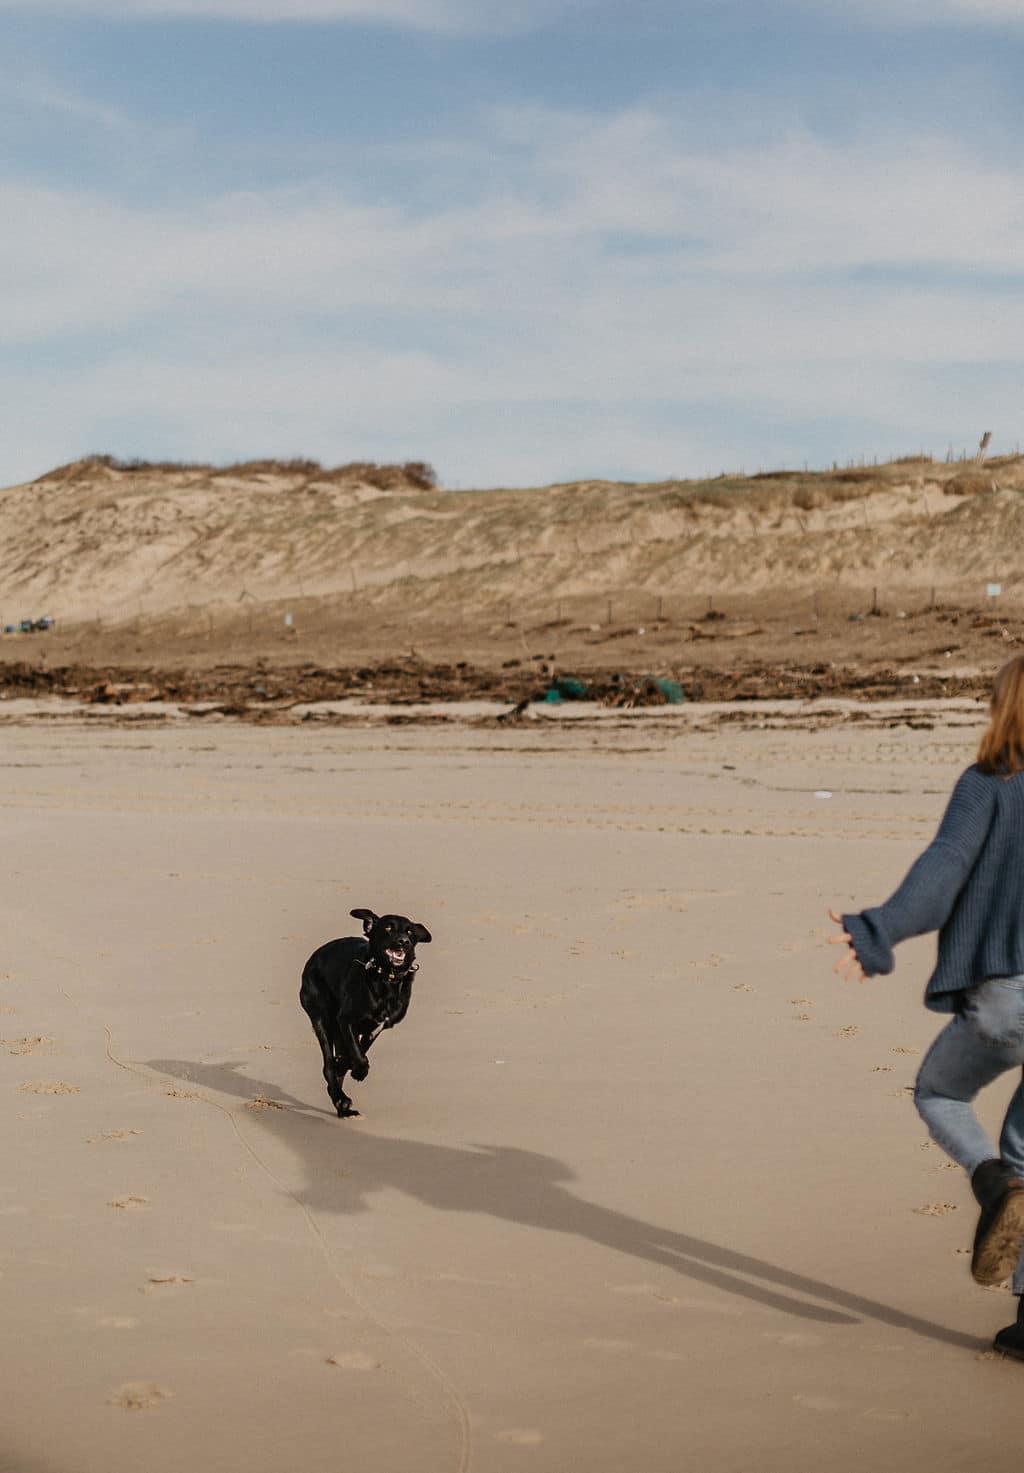 Rox le chien d'An qui court sur la plage pour Maison Medor